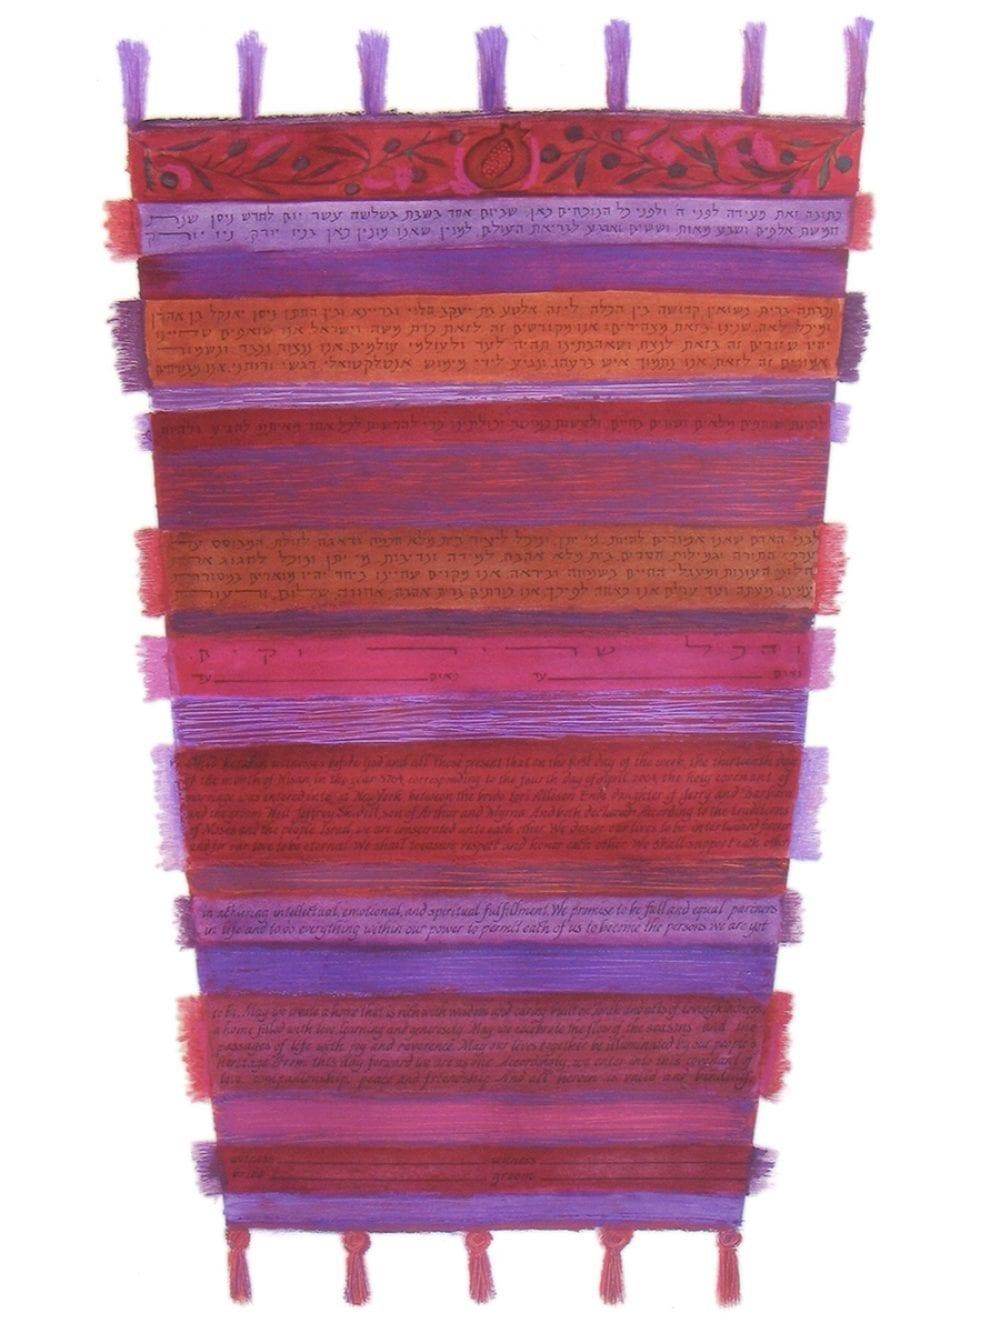 tallit-weaving-reds-purples-ketubah